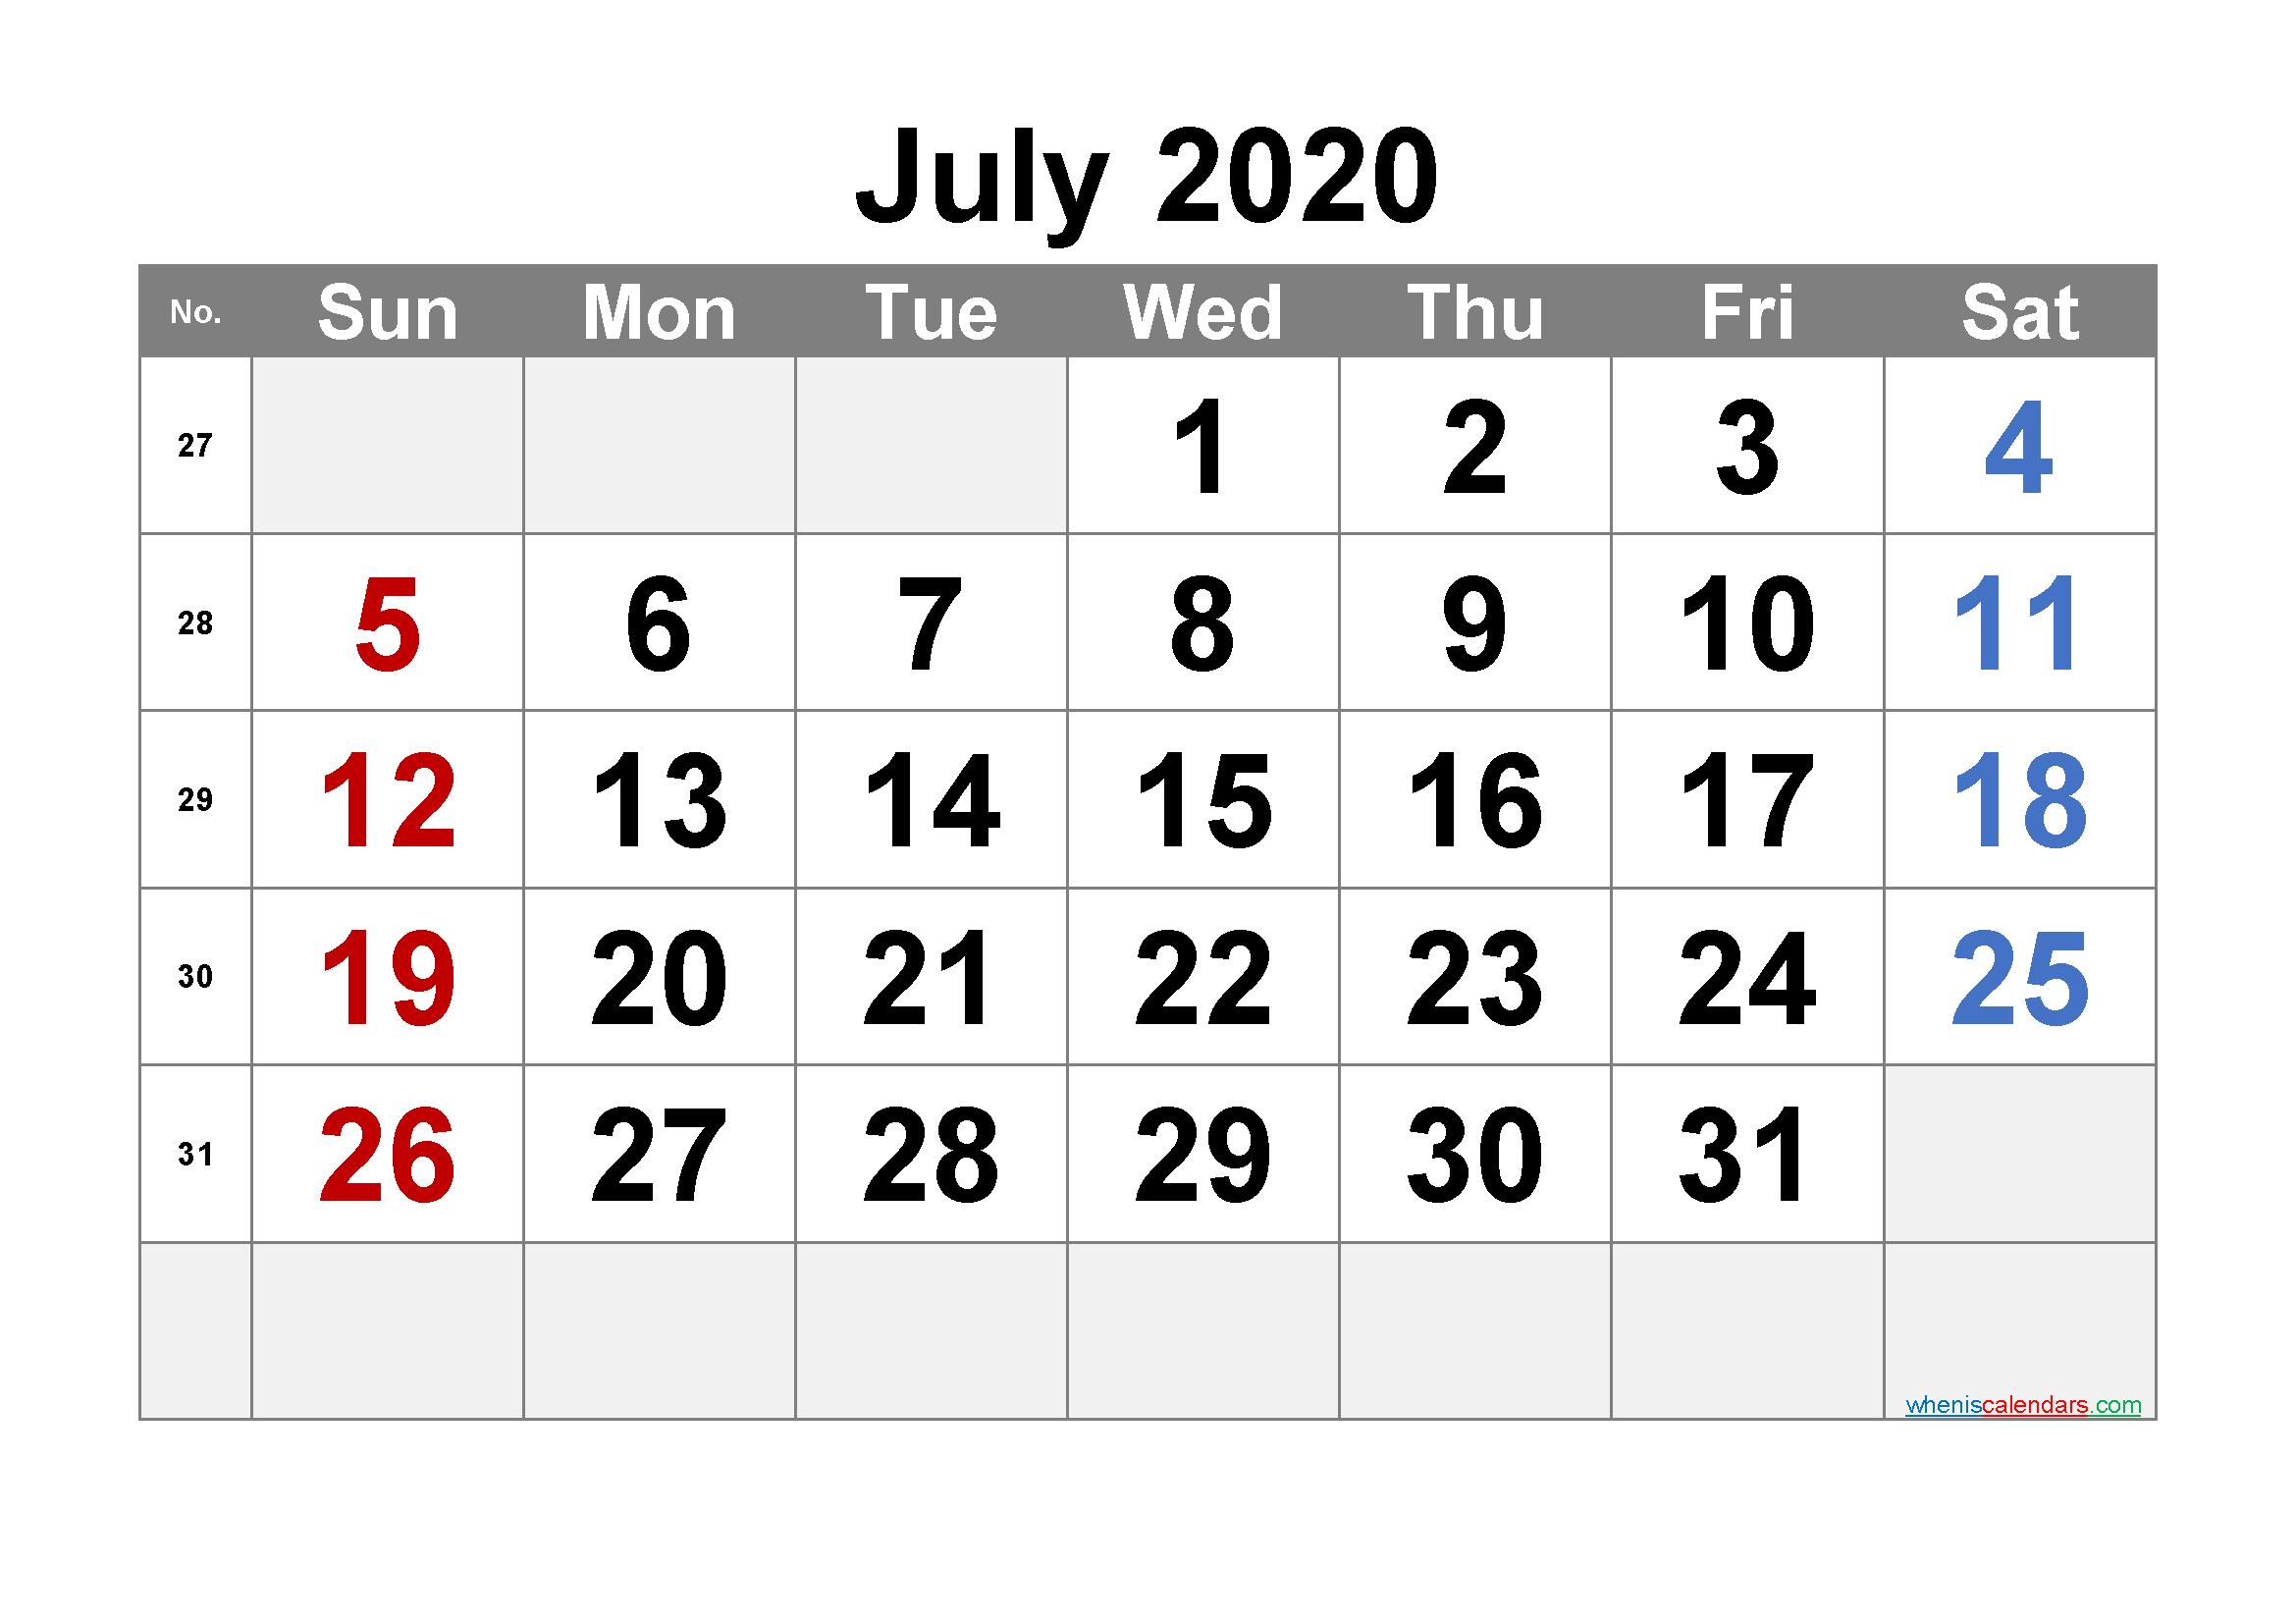 Free Printable July 2020 Calendar with Week Numbers